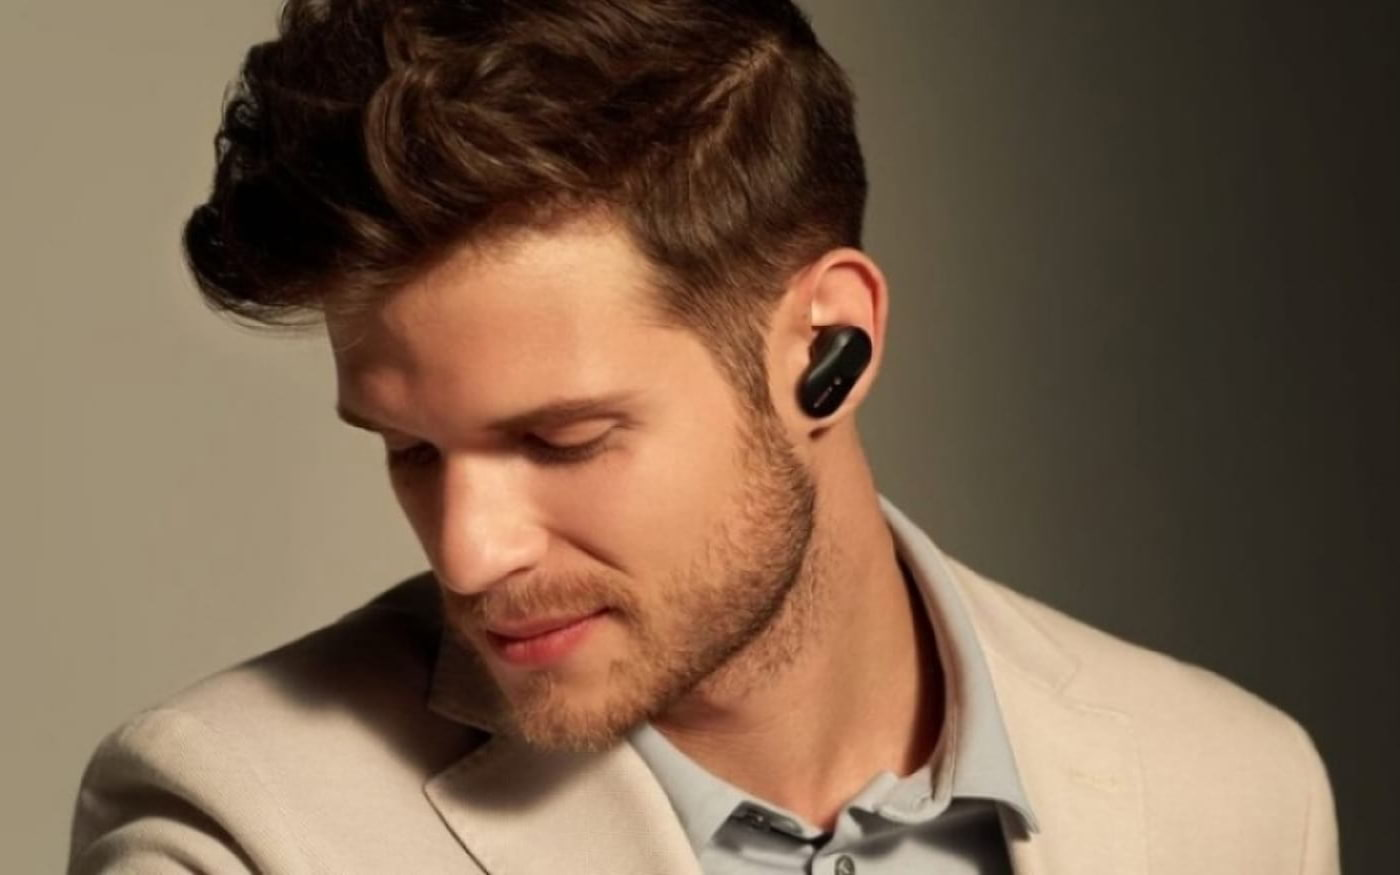 Sony lança fone de ouvido in-ear Bluetooth True Wireless WF-1000XM3 com ANC